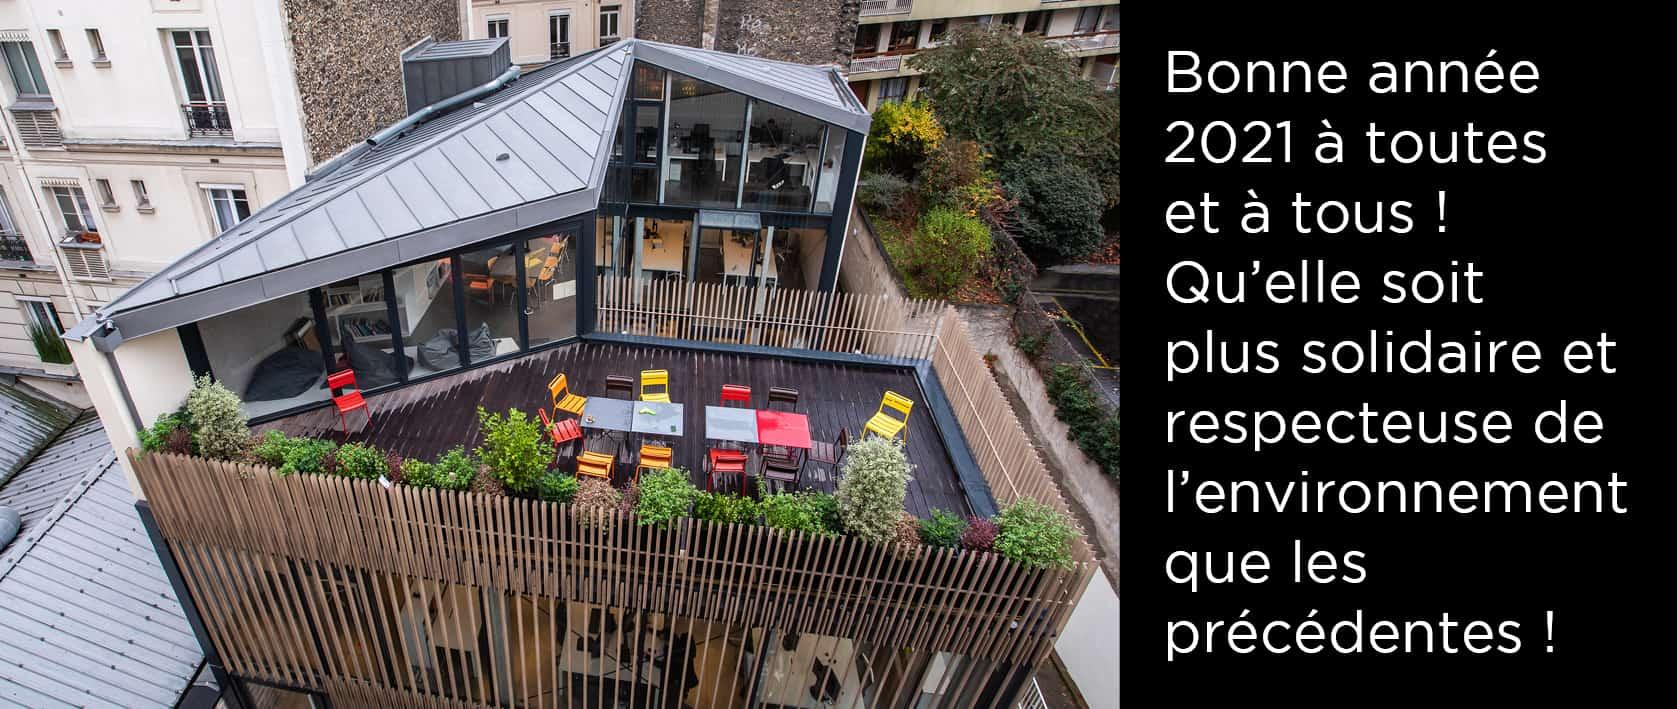 Actualités DVVD - Architecture • Ingénierie • Design